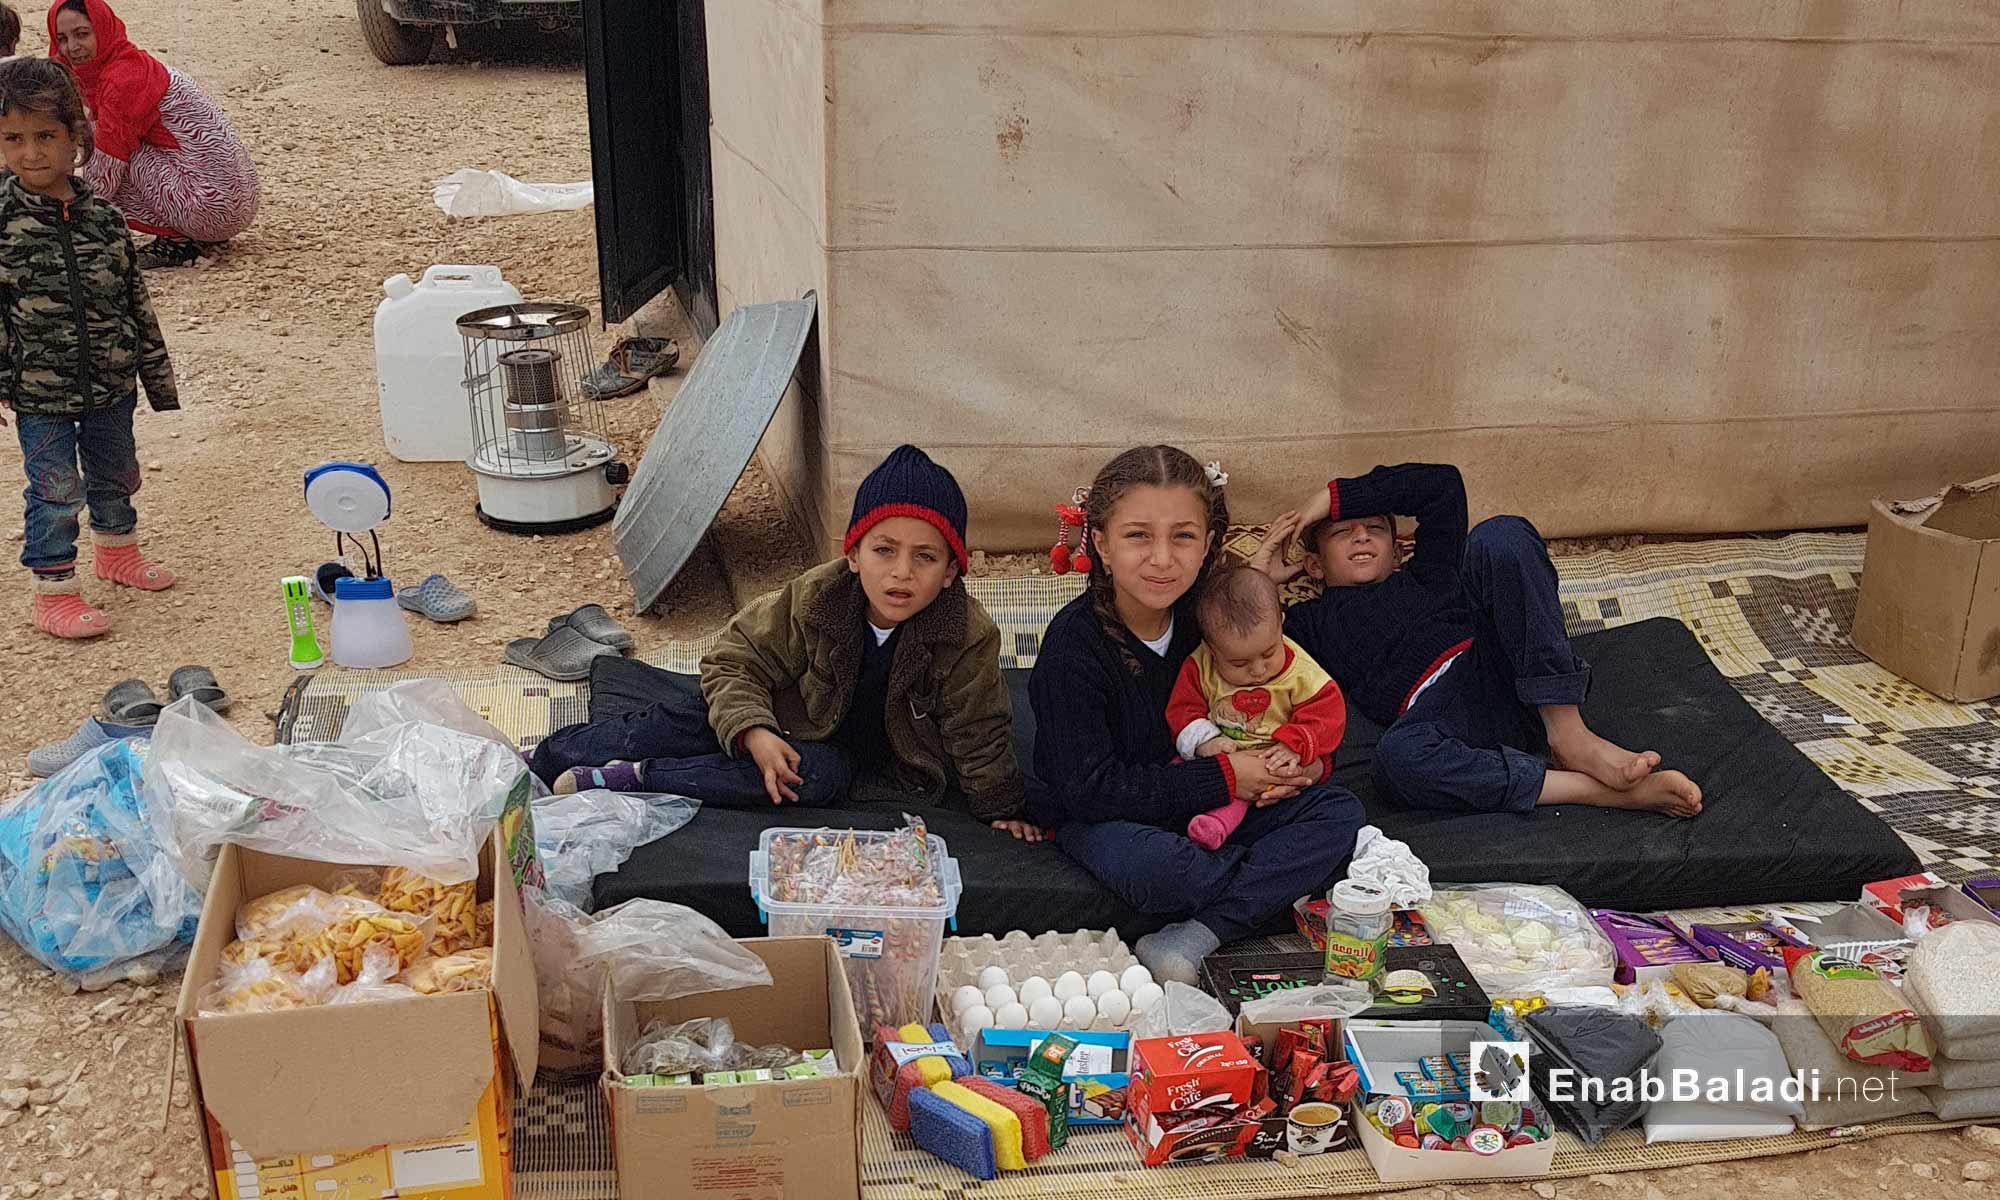 أطفال يعملون ببيع المواد الغذائية والبسكويت في مخيم العريشة بريف الحسكة الجنوبي - 9 آذار 2018 (عنب بلدي)